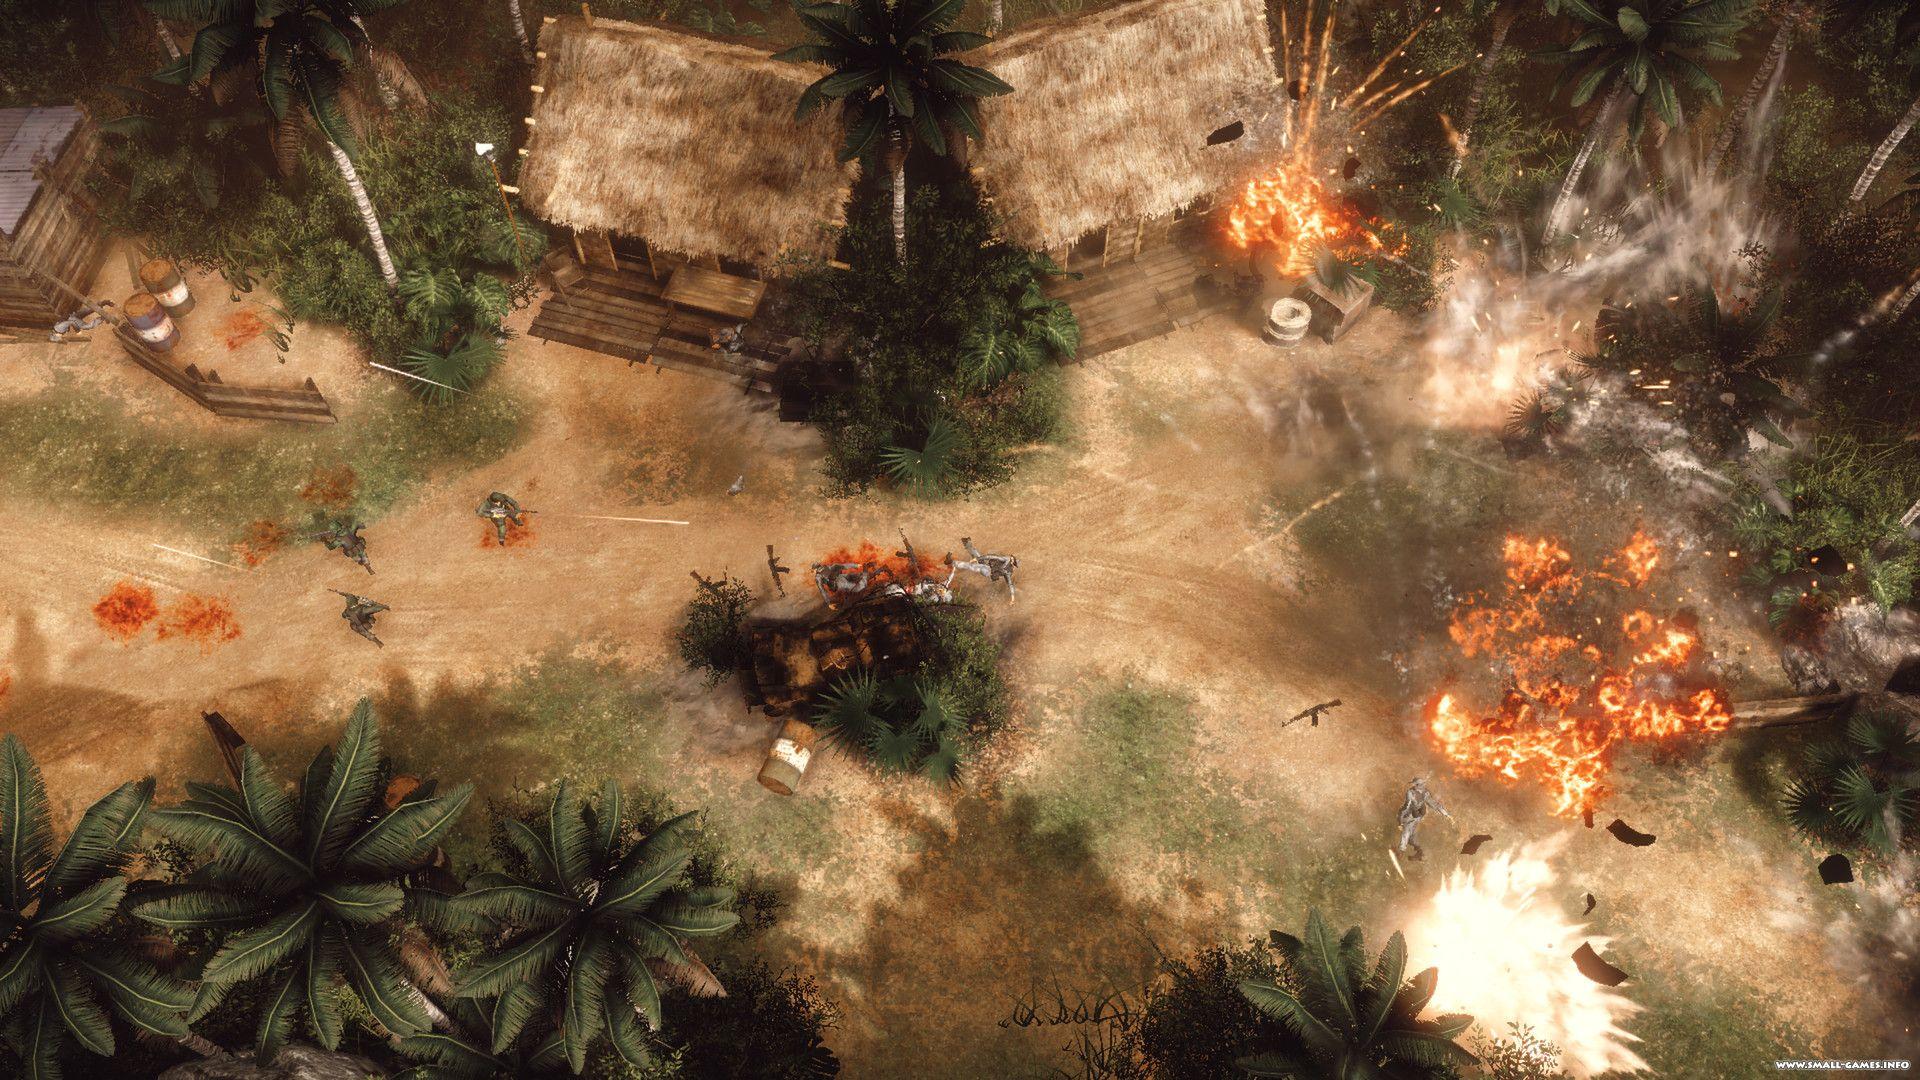 Скачать Игру Cannon Fodder 3 Через Торрент